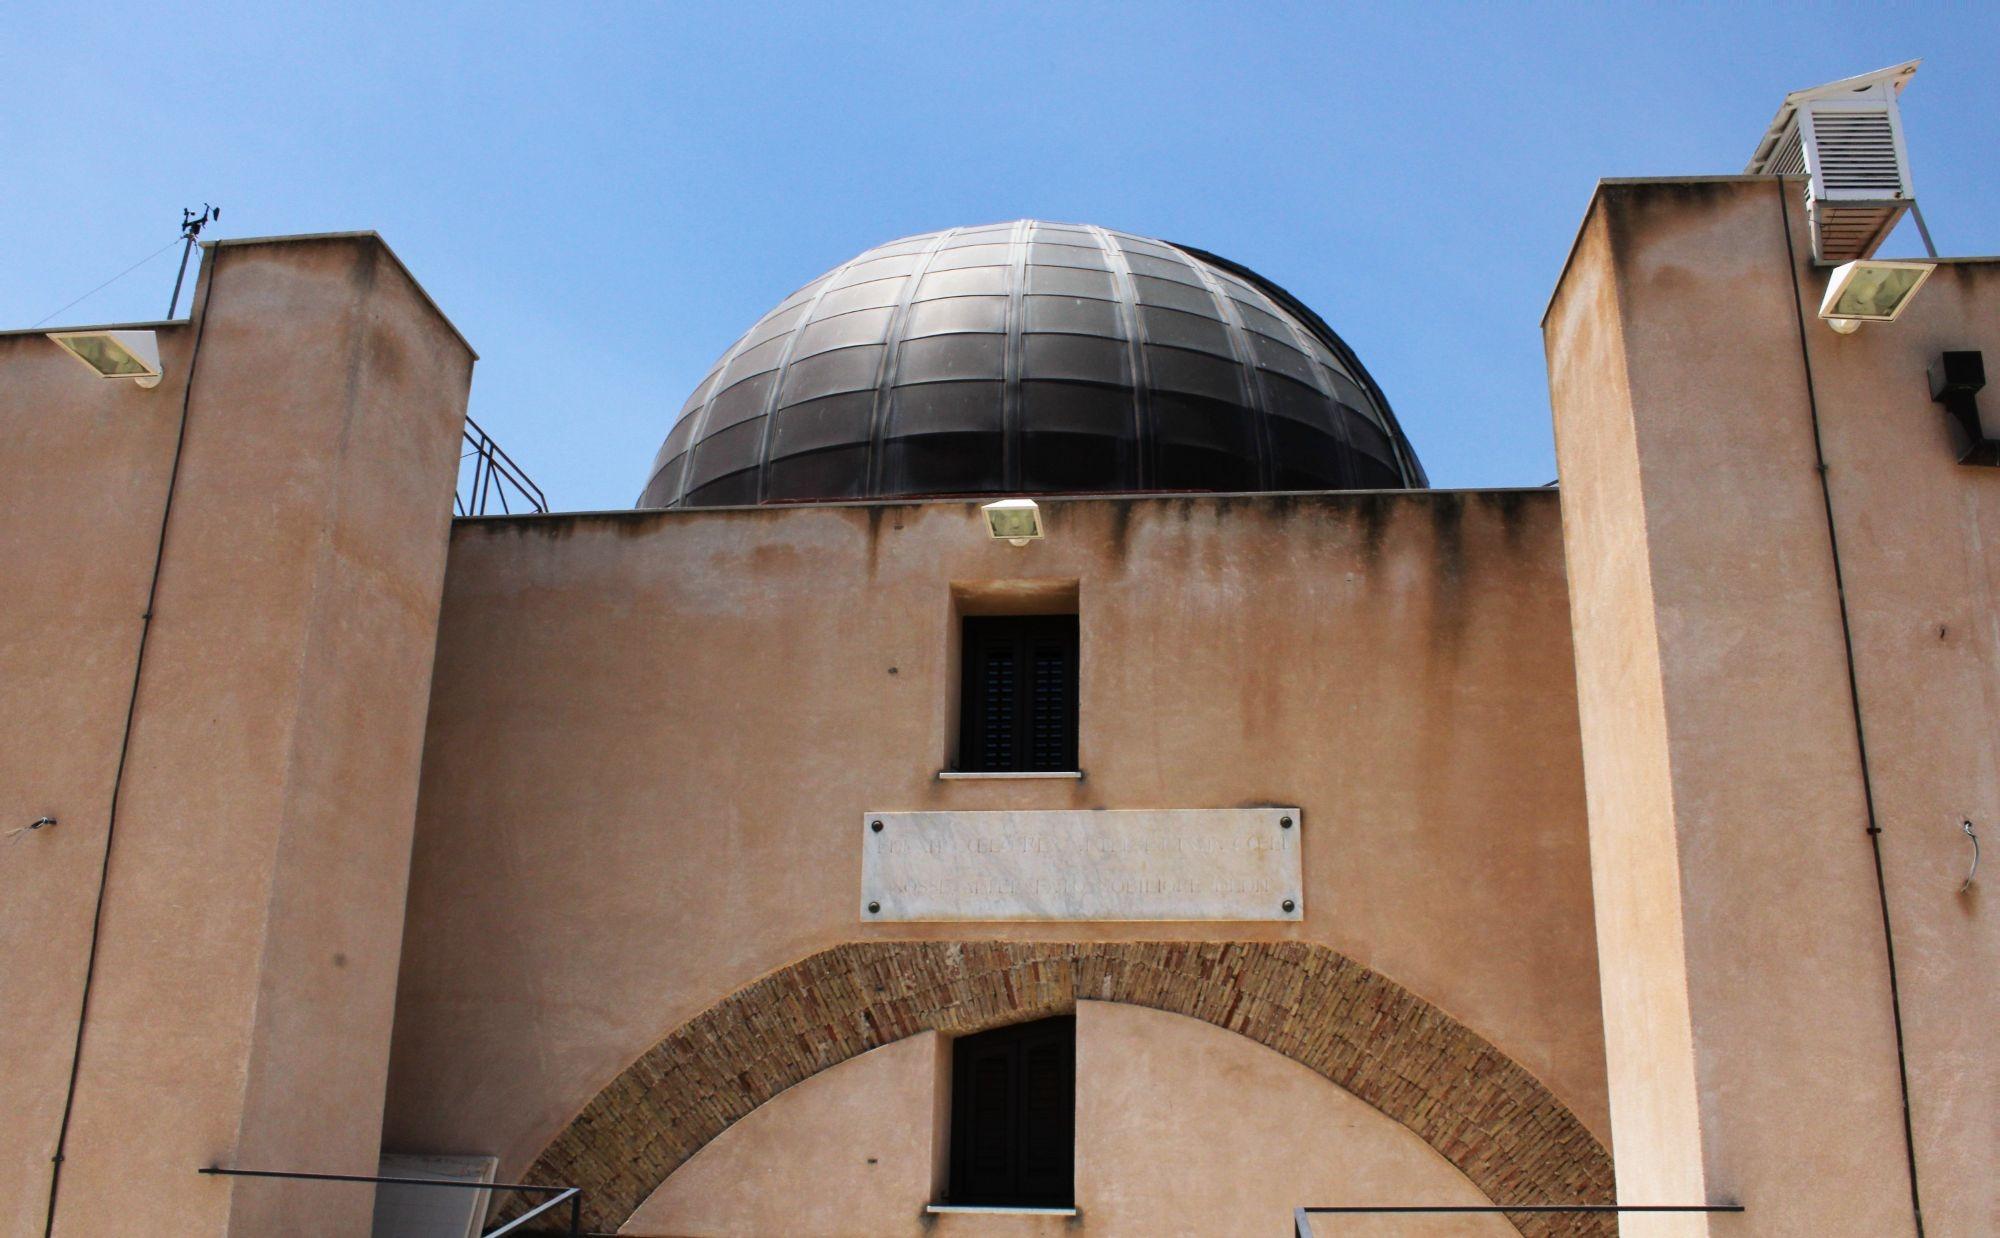 L'OSSERVATORIO di Palermo premiato dall'ORGANIZZAZIONE METEOROLOGICA MONDIALE